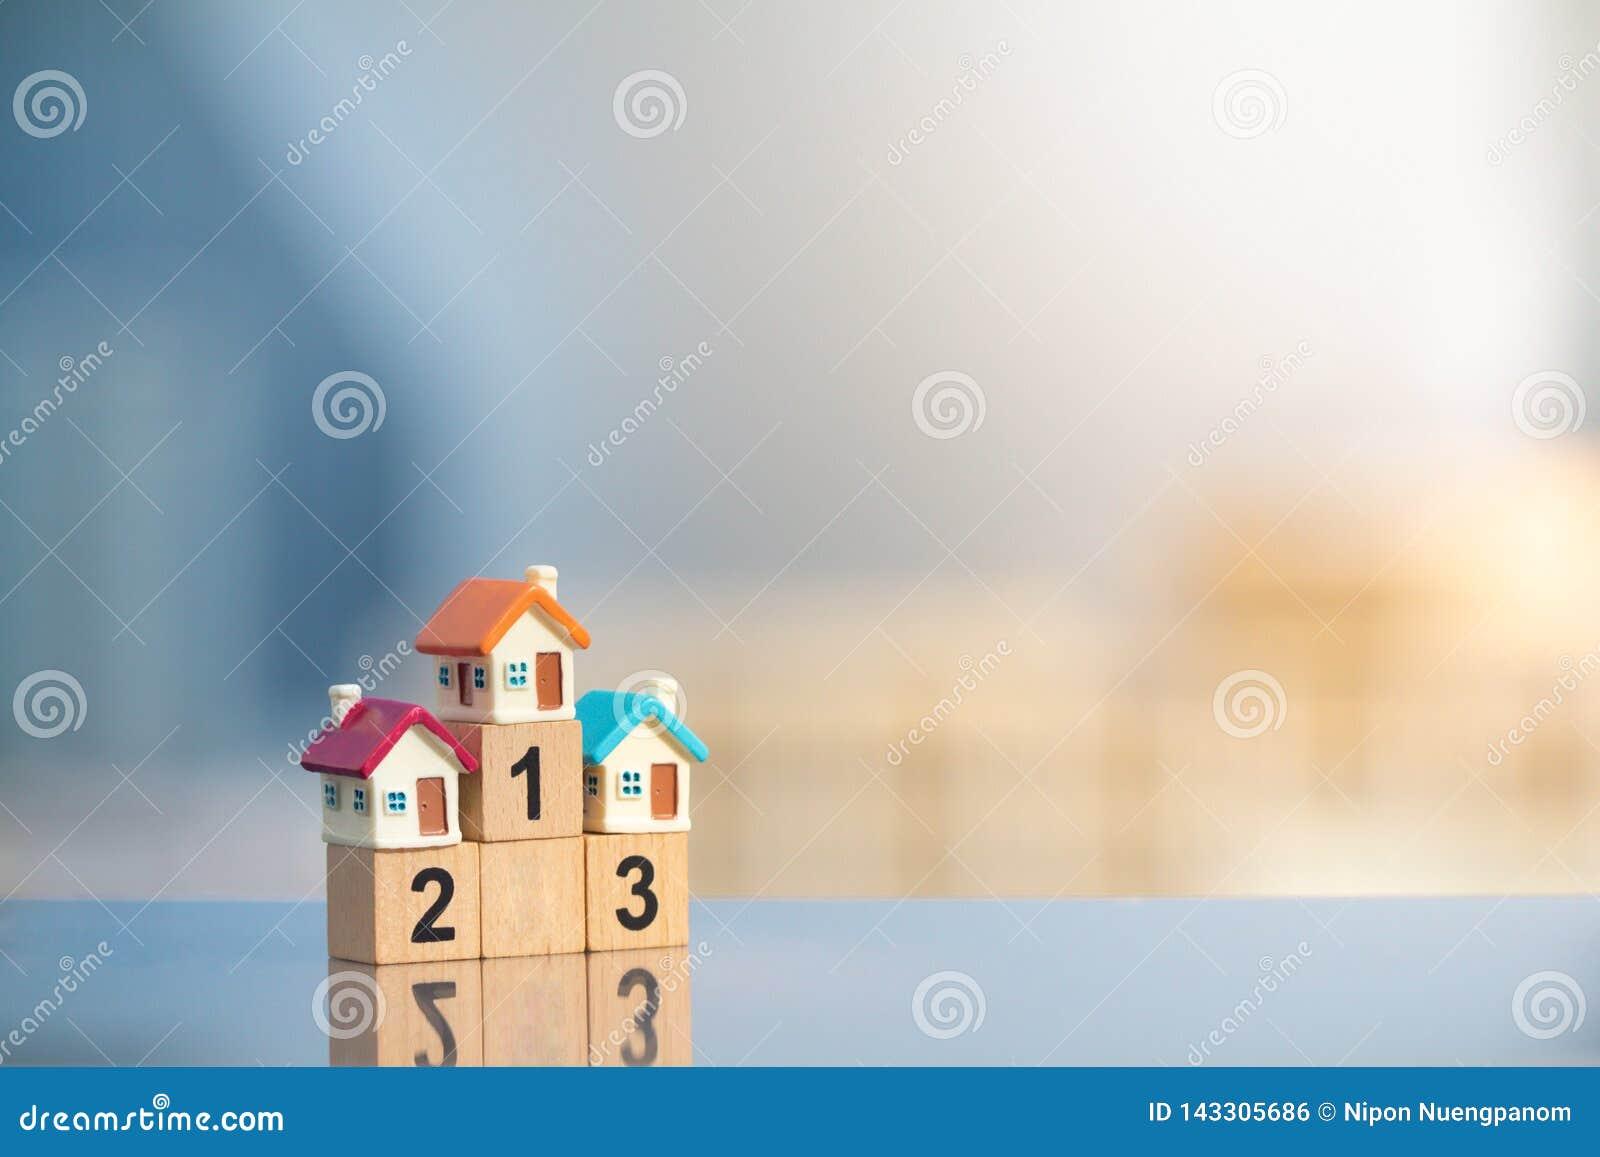 Trois maisons miniatures sur le premier endroit du podium de gagnant sur le fond moderne de ville